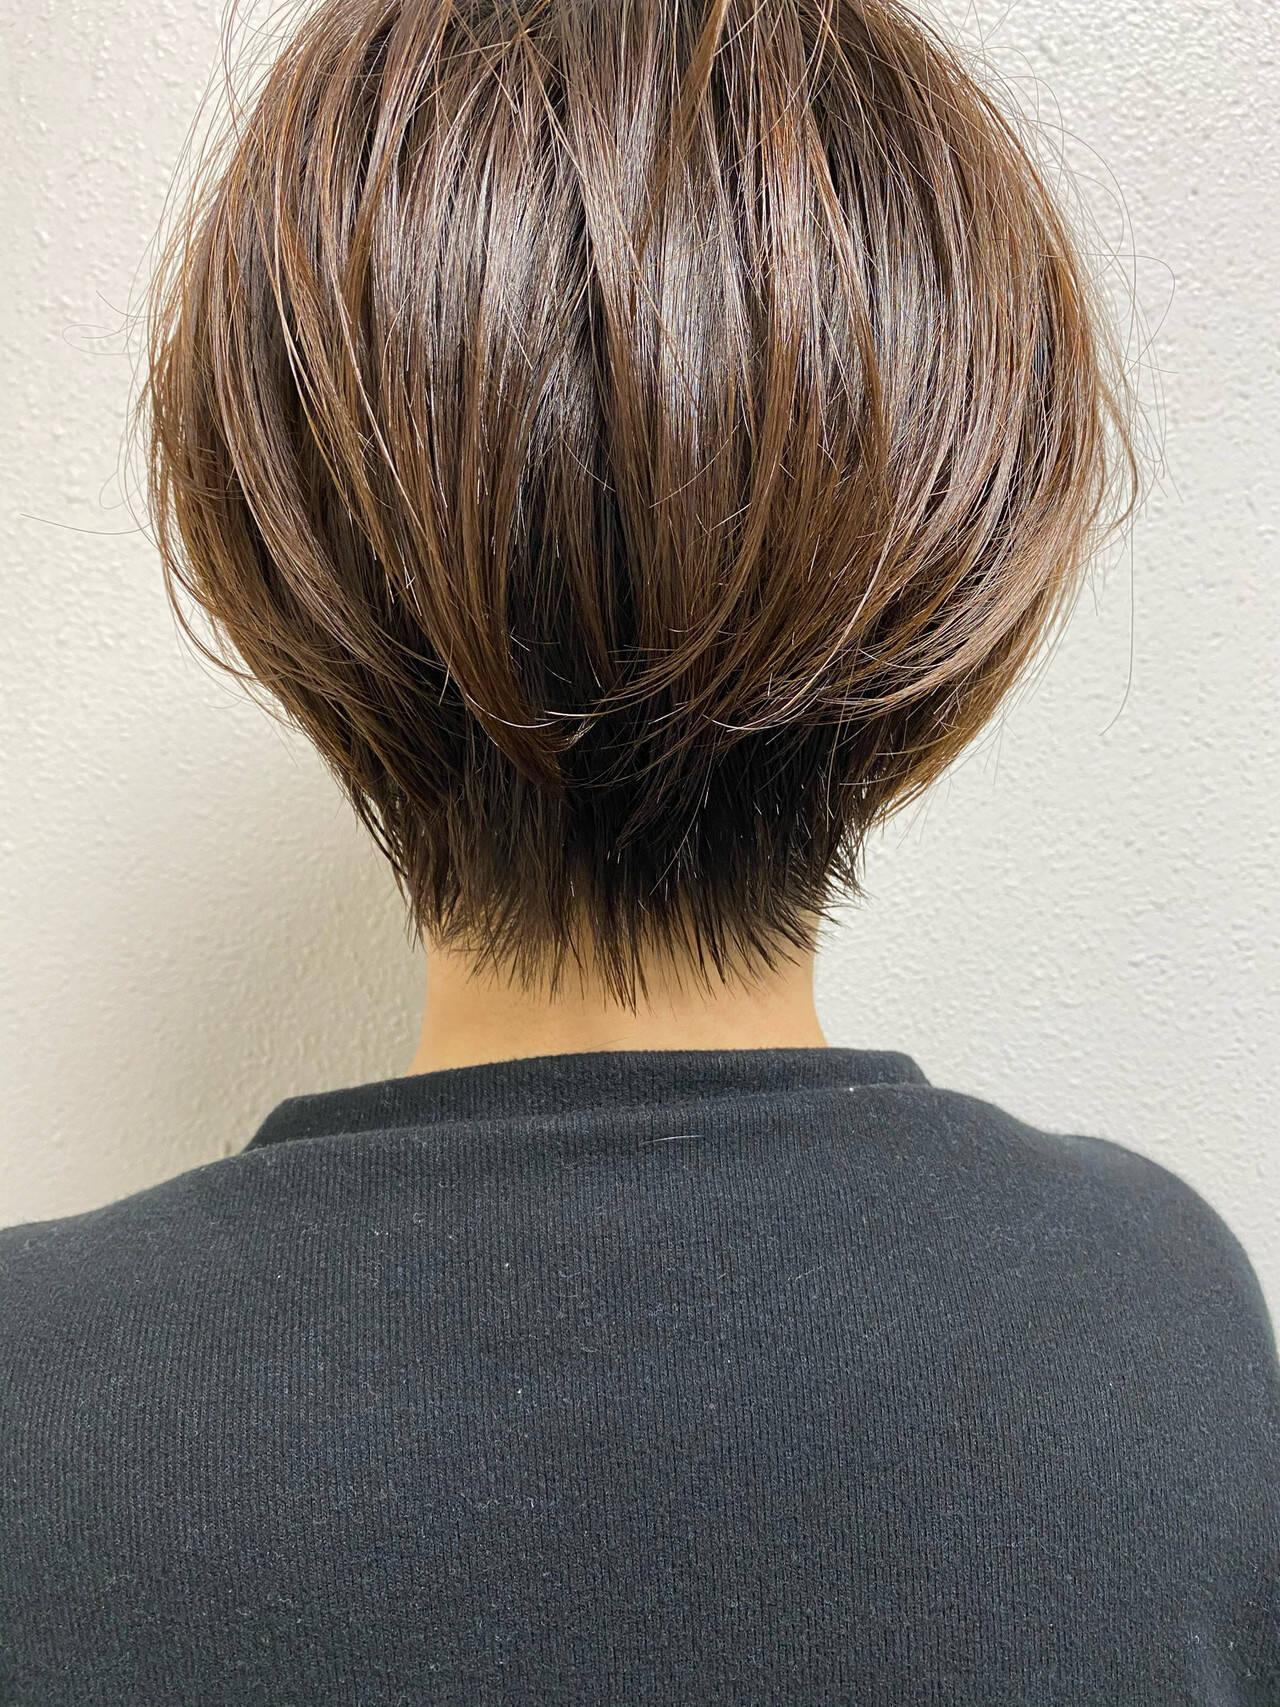 ベリーショート ナチュラル ショートヘア ショートヘアスタイルや髪型の写真・画像